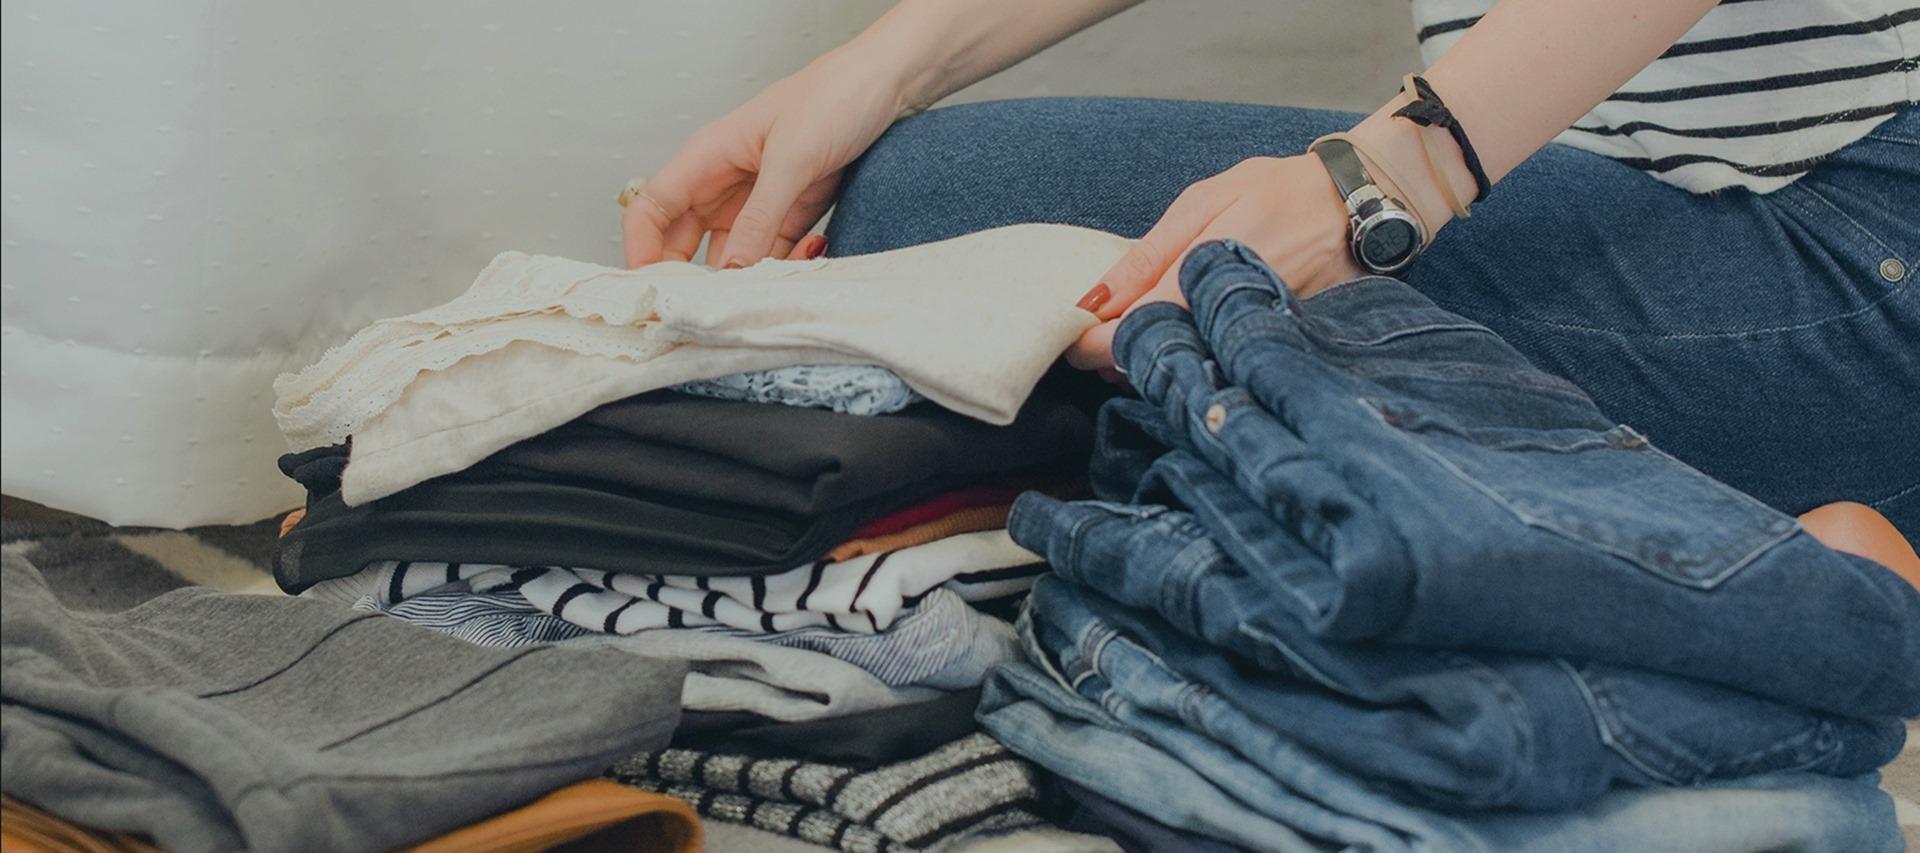 Vender roupa usada na nova plataforma ECOA ajuda a dar-lhe uma nova vida